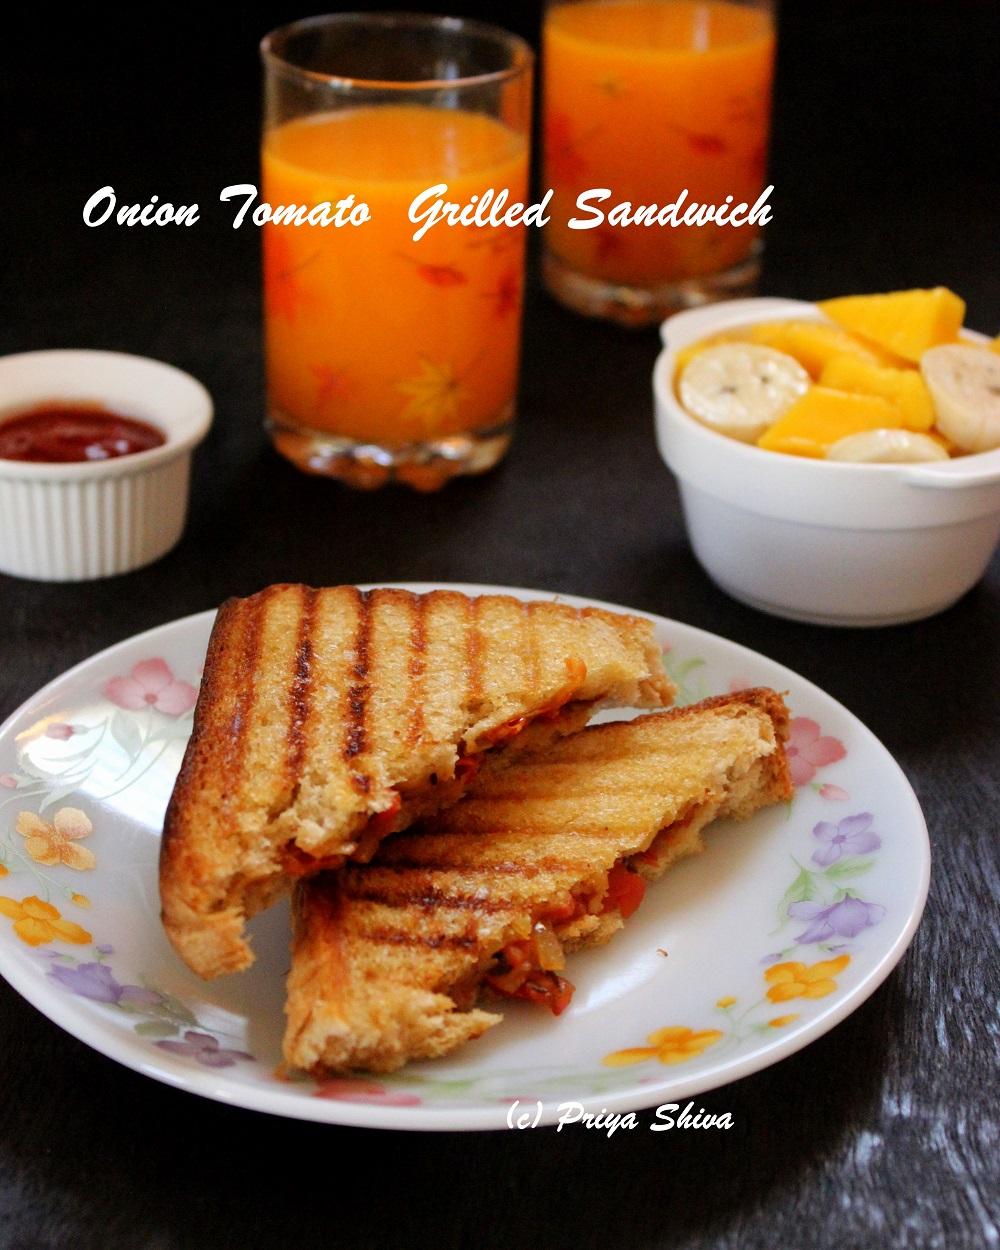 onion tomato grilled sandwich recipe